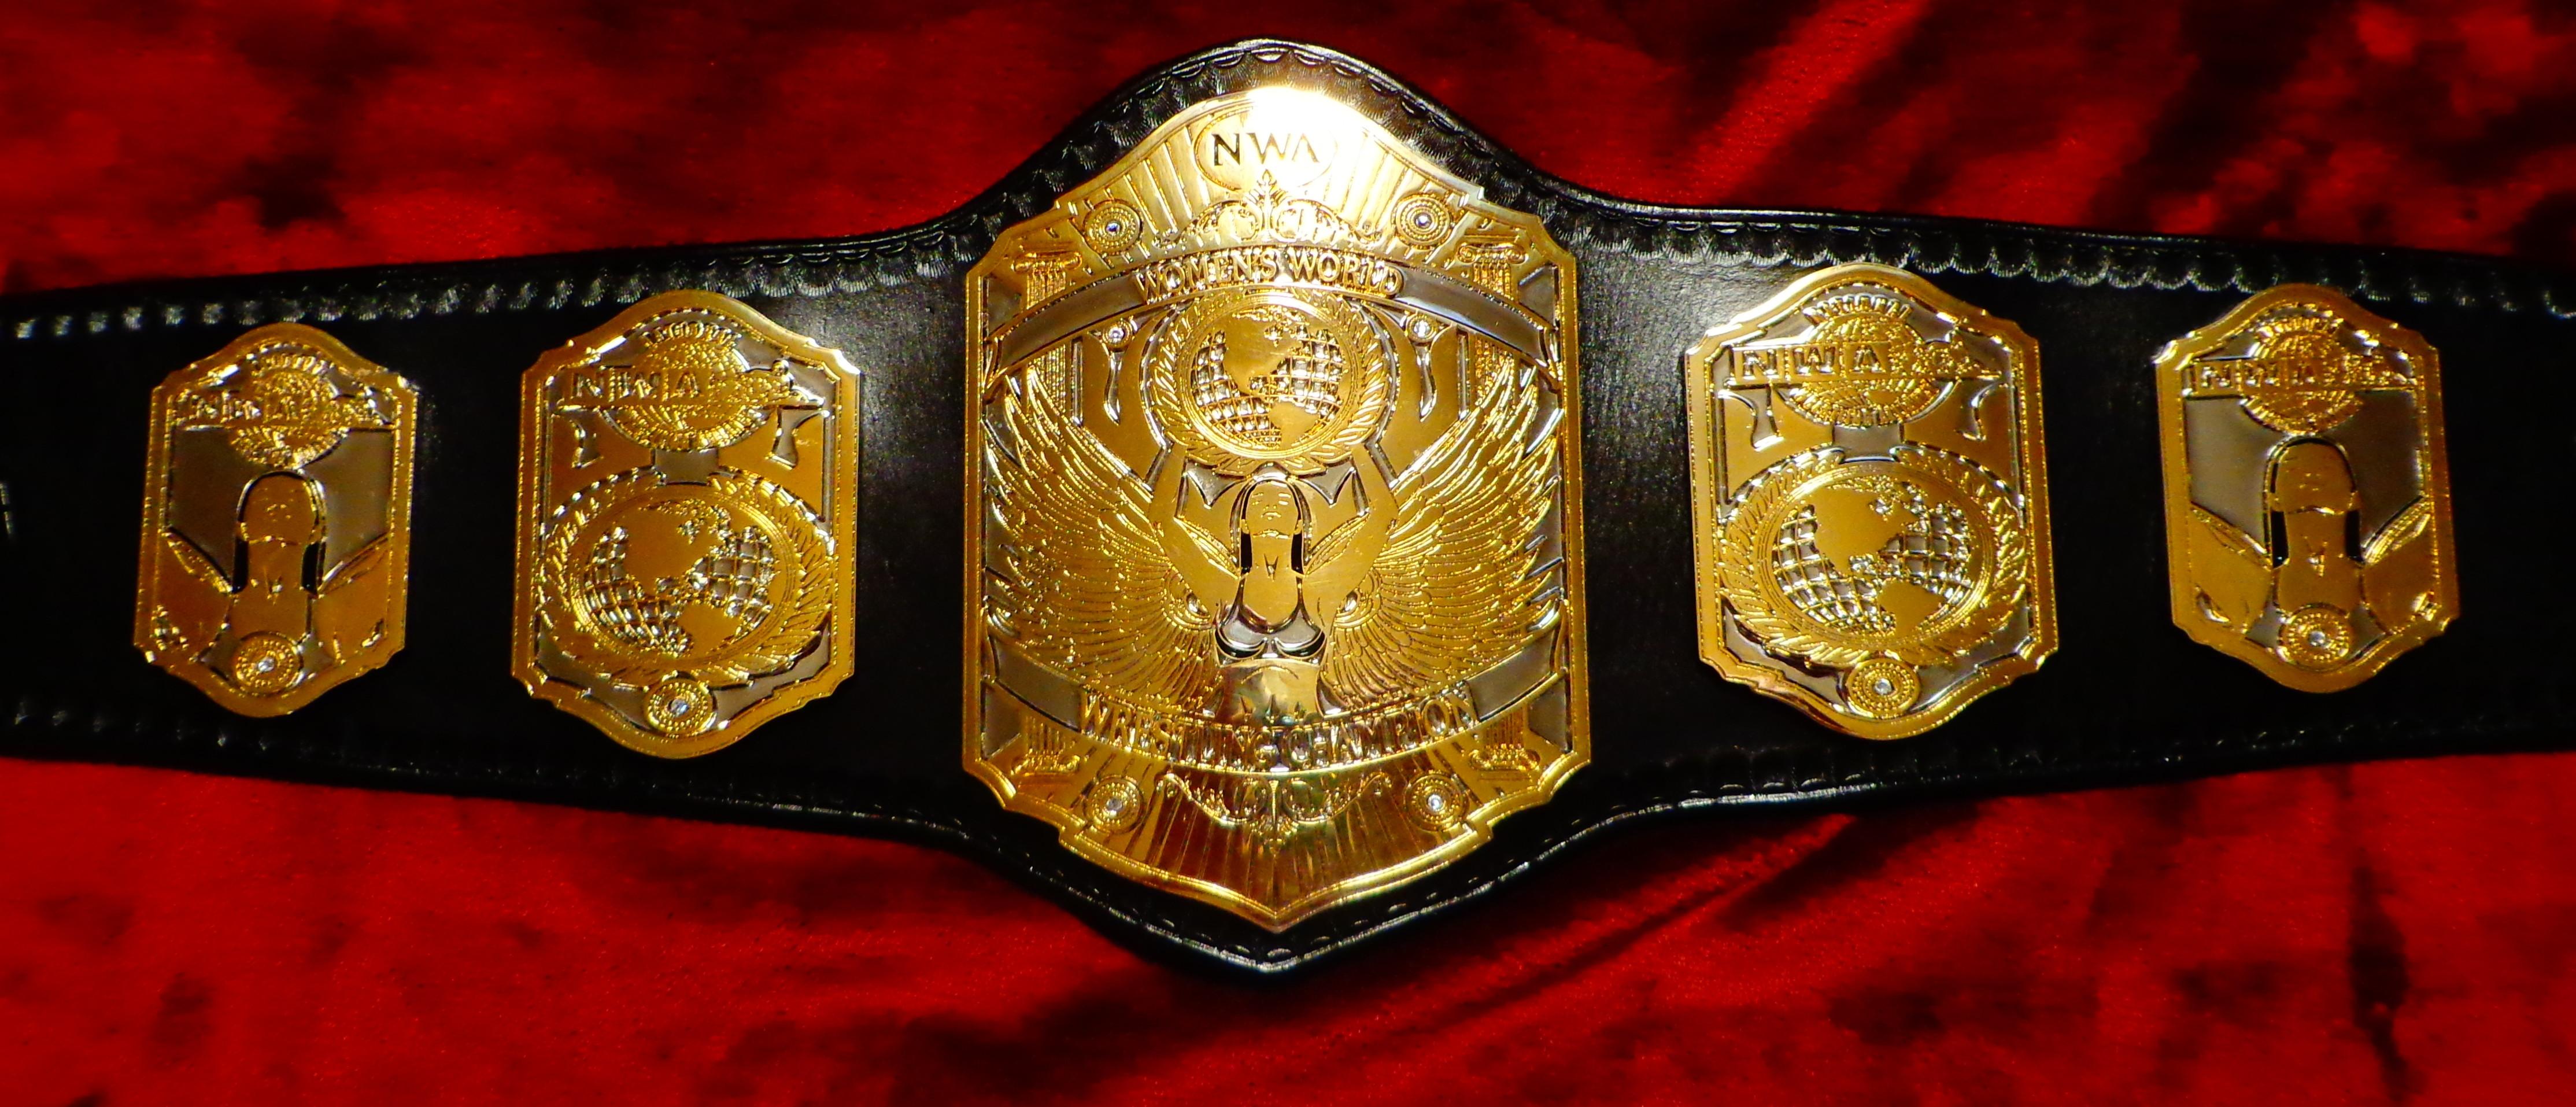 NWA WOMENS WORLD CHAMPIONSHIP